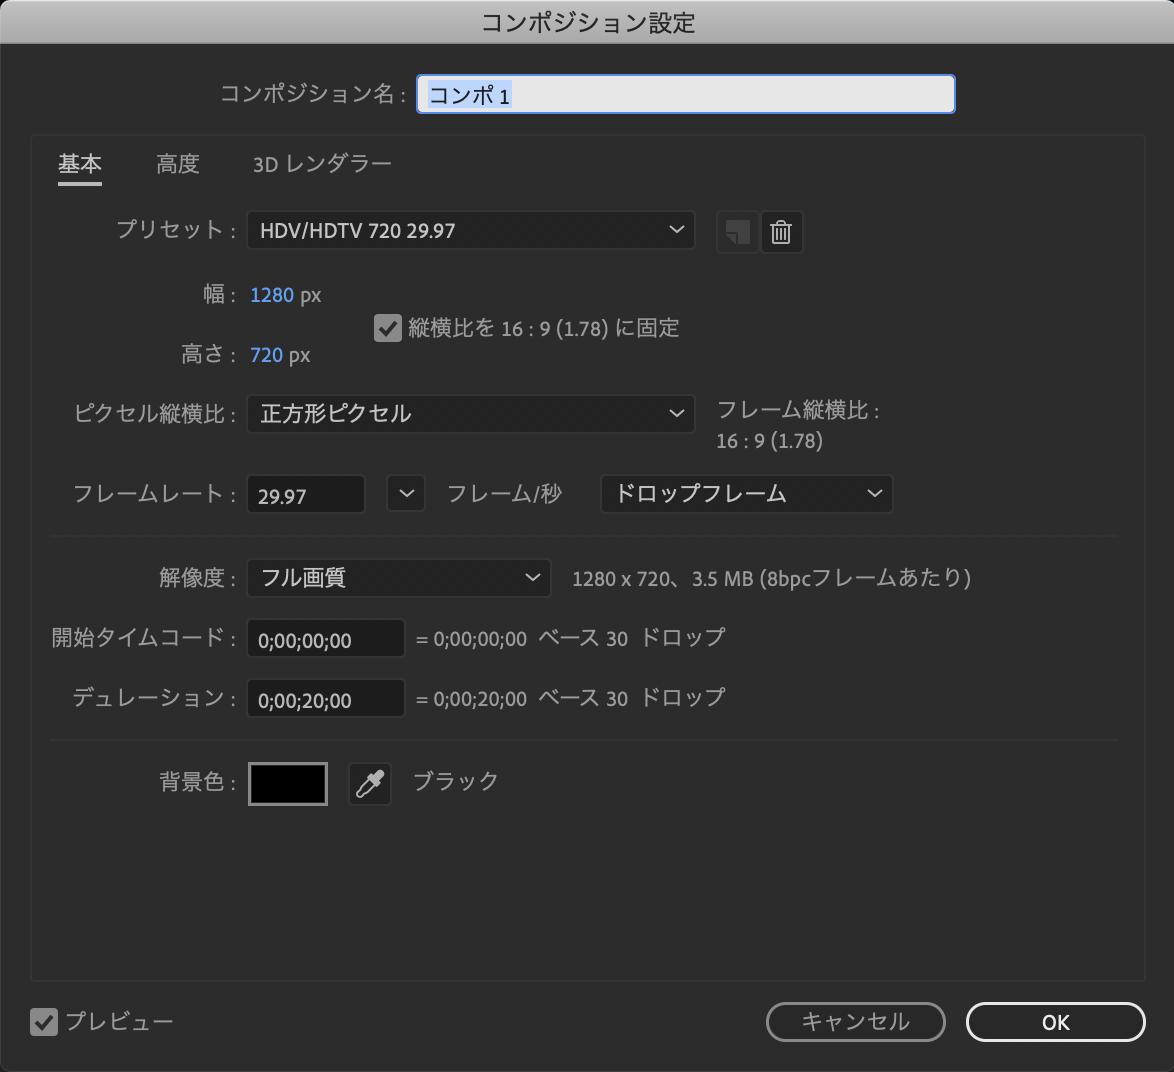 f:id:Hamakichi:20200508110529p:plain